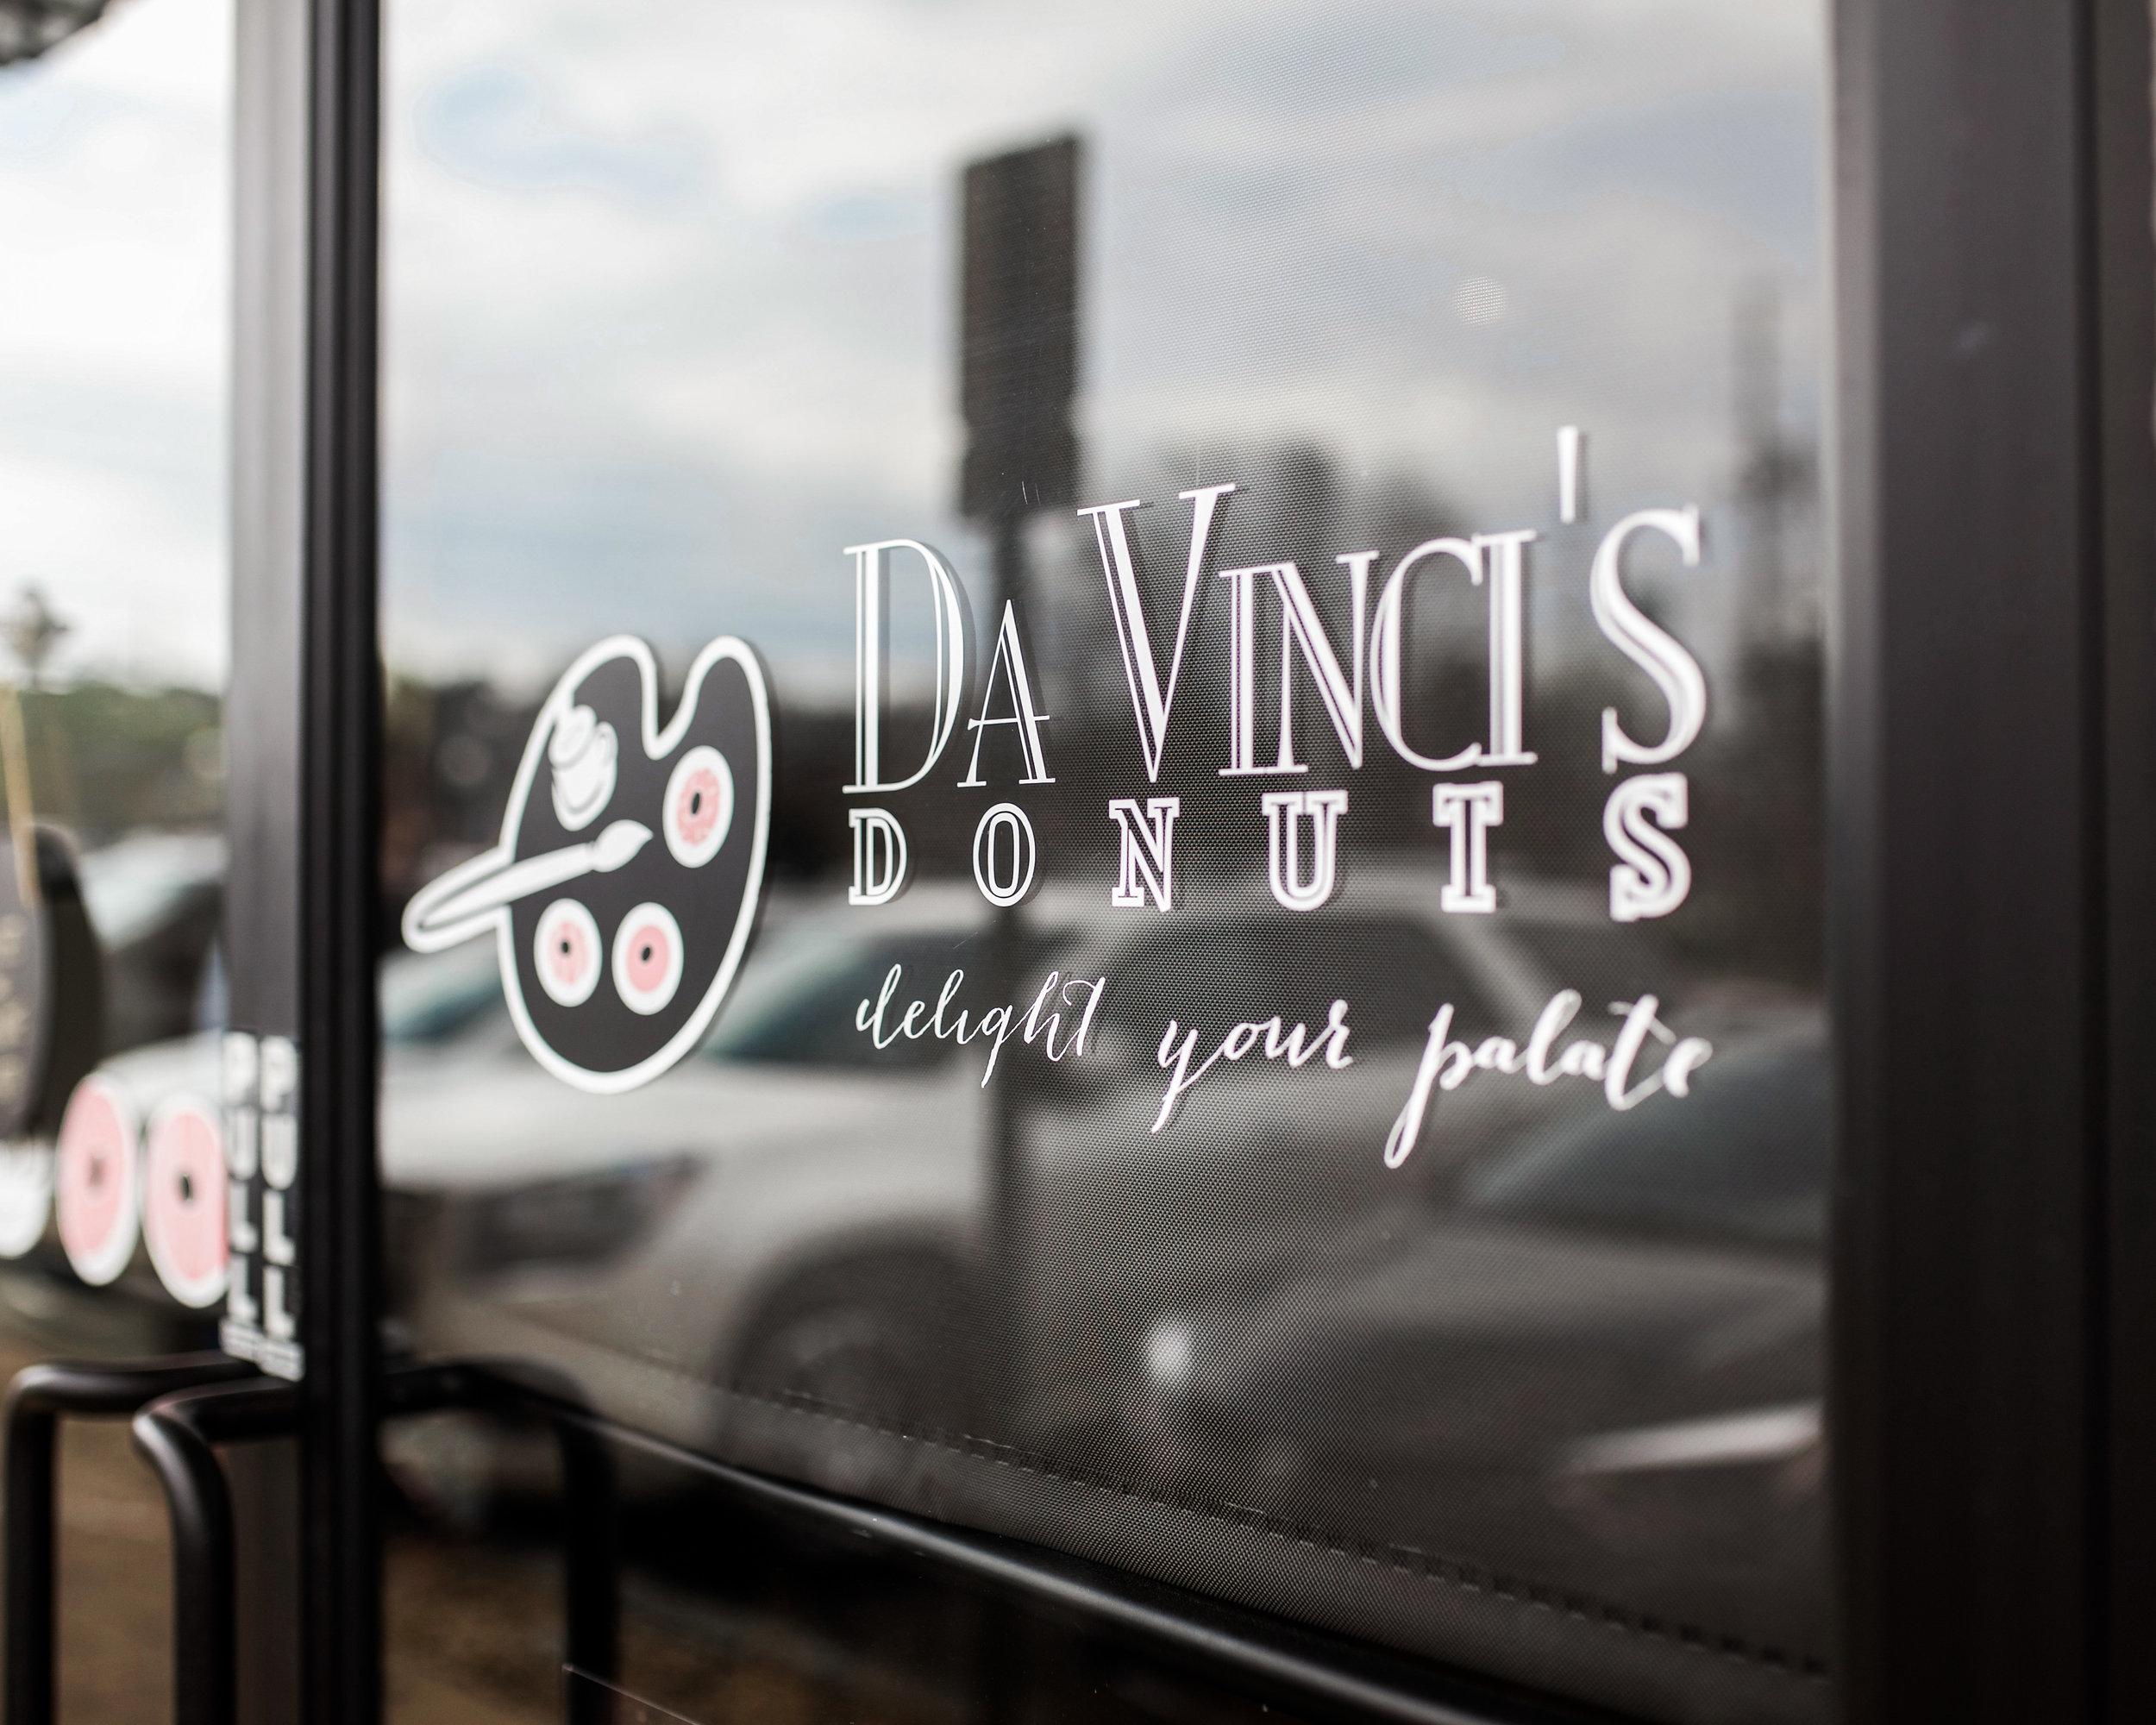 Da Vinci's donuts alpharetta, ga